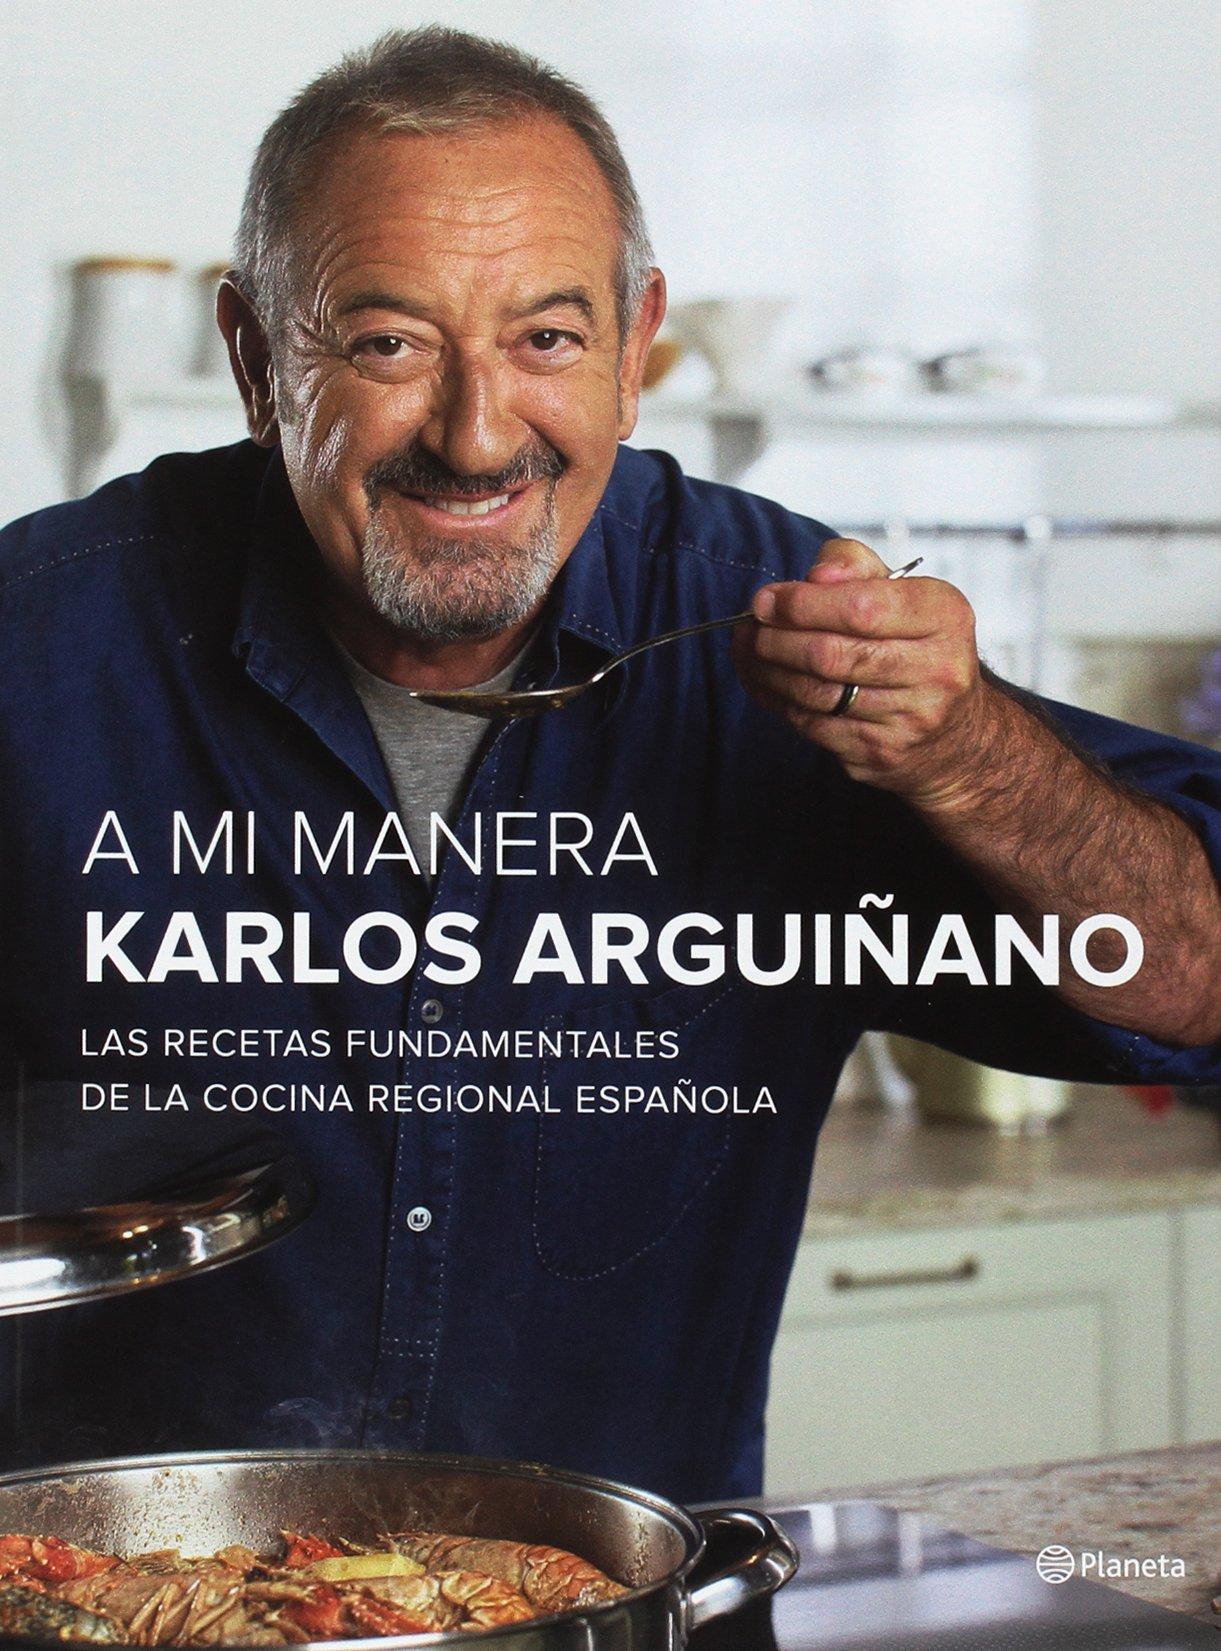 Estuche Navidad Karlos Arguiñano: Karlos Arguiñano: 9788408162681: Amazon.com: Books